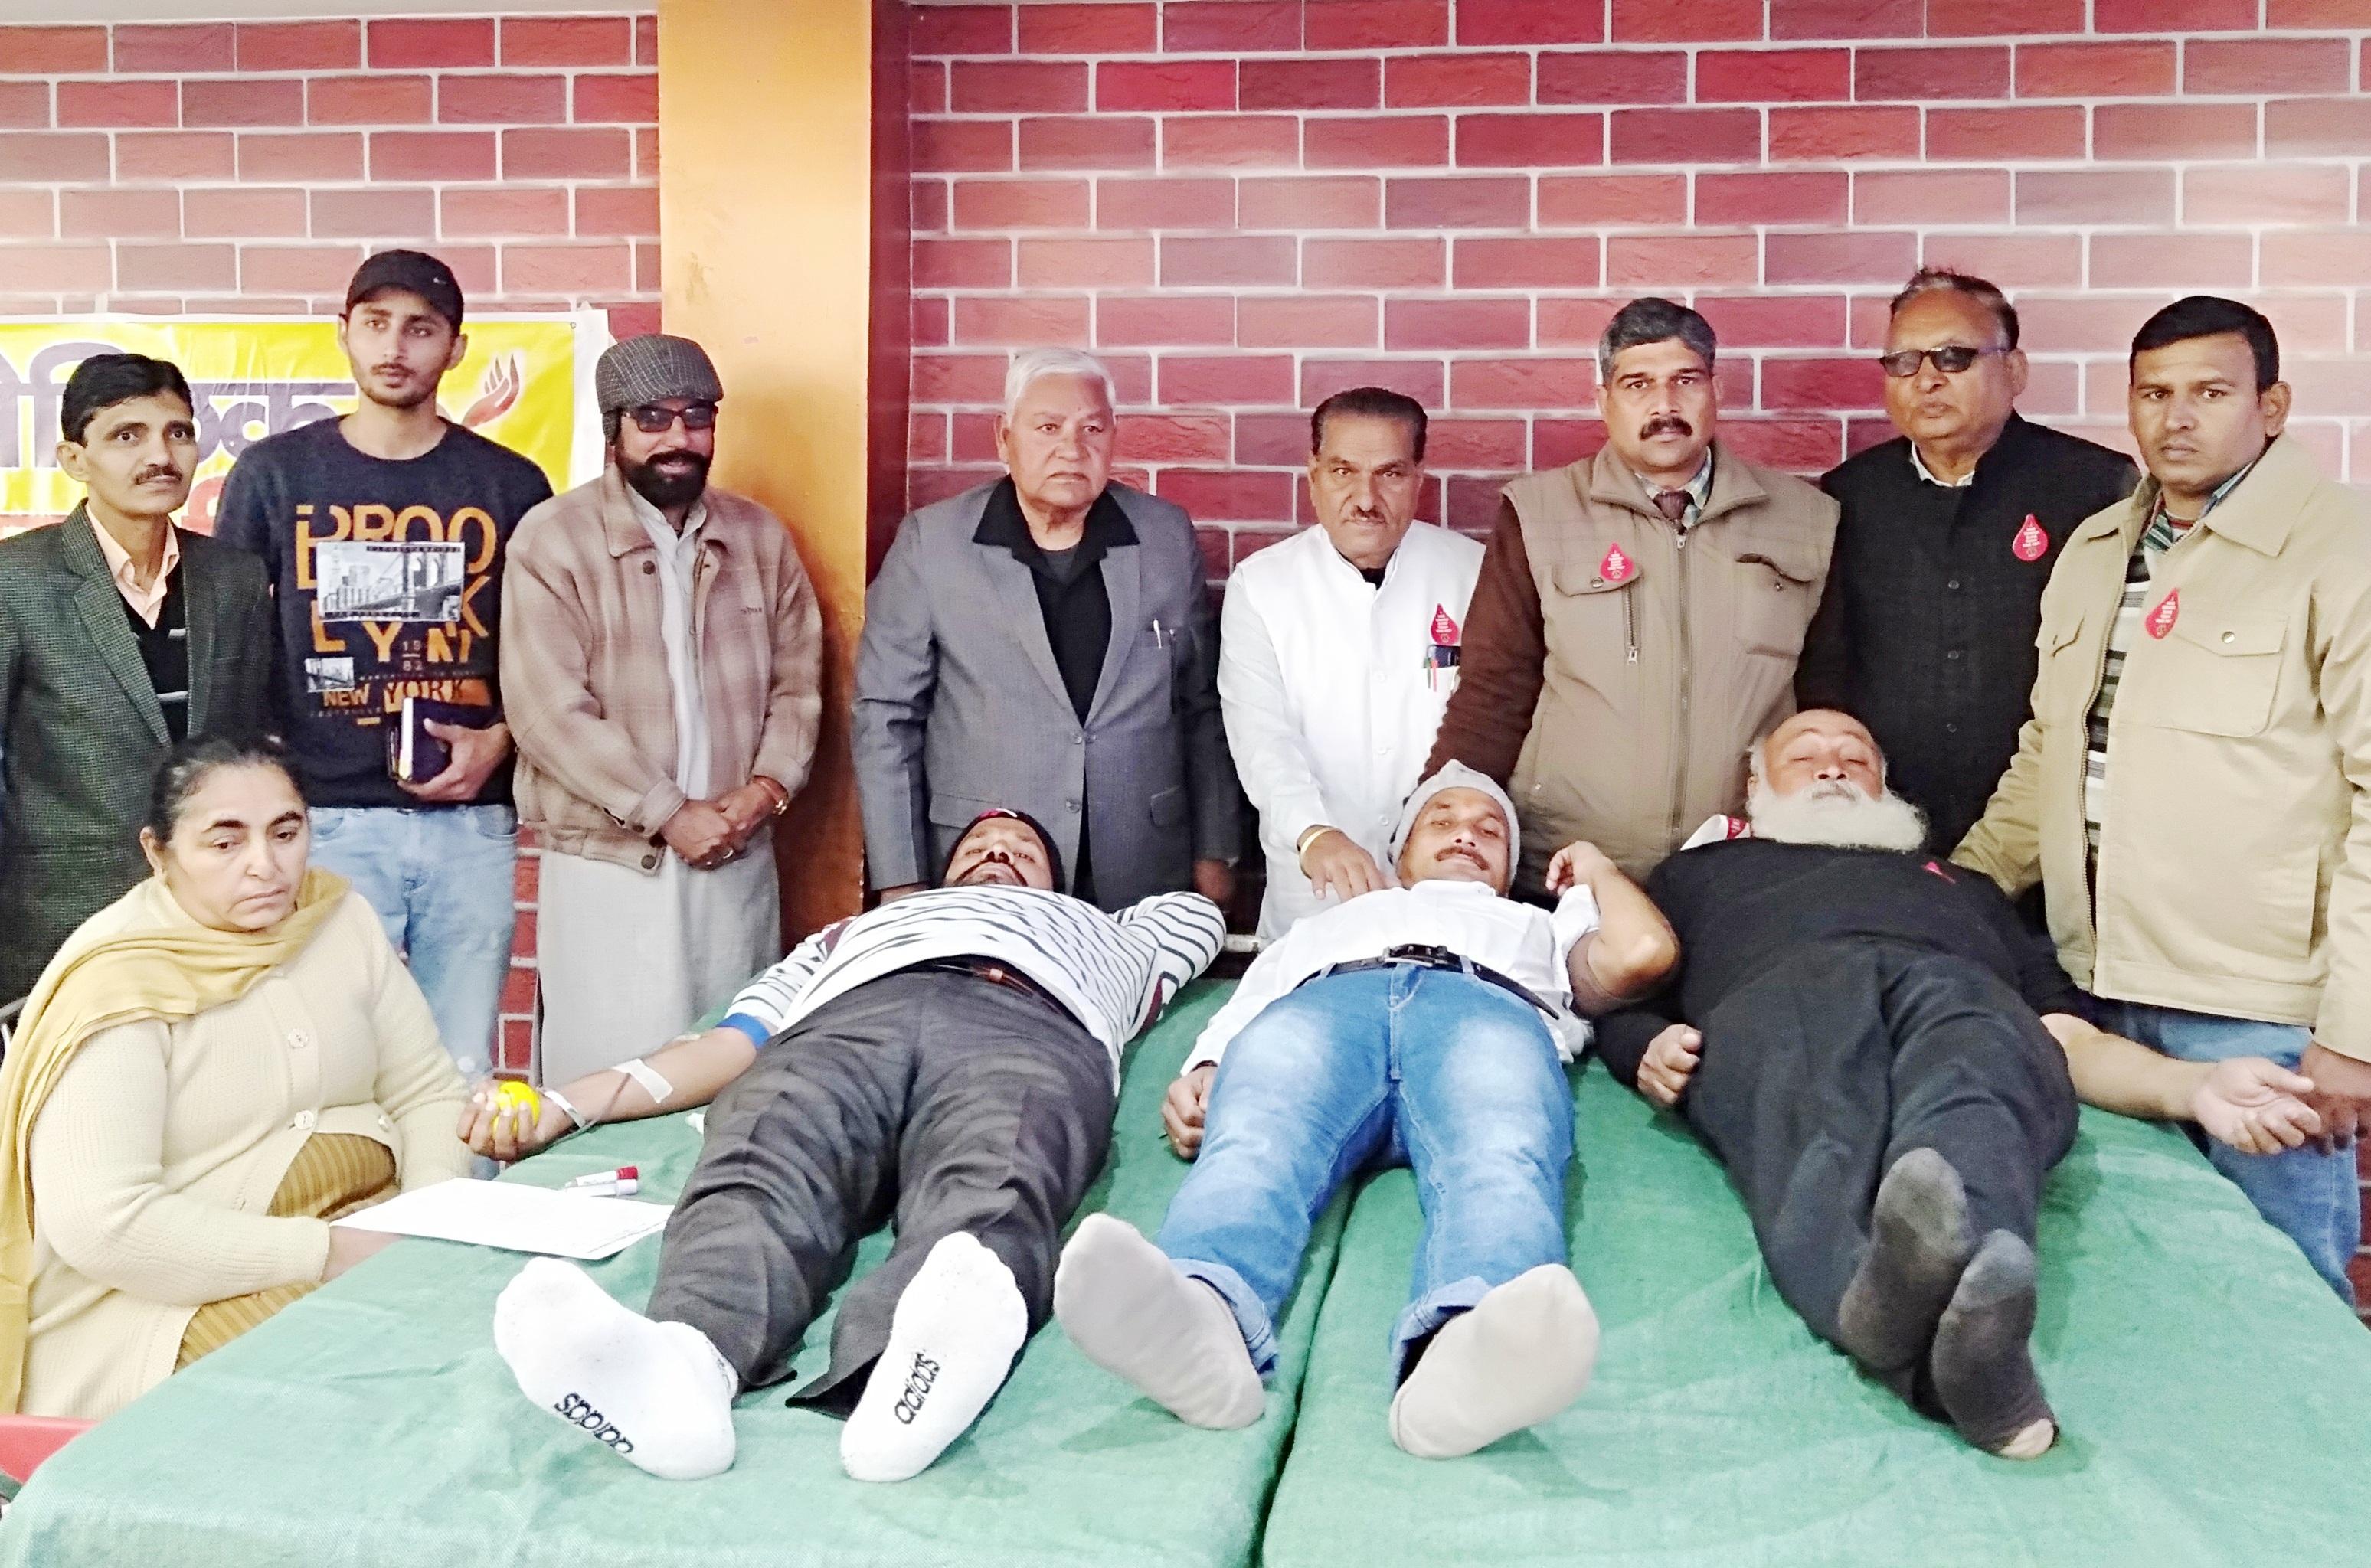 राष्ट्रीय बालिका दिवस और गणतंत्र दिवस पर स्वैच्छिक रक्दान शिविर आयोजित